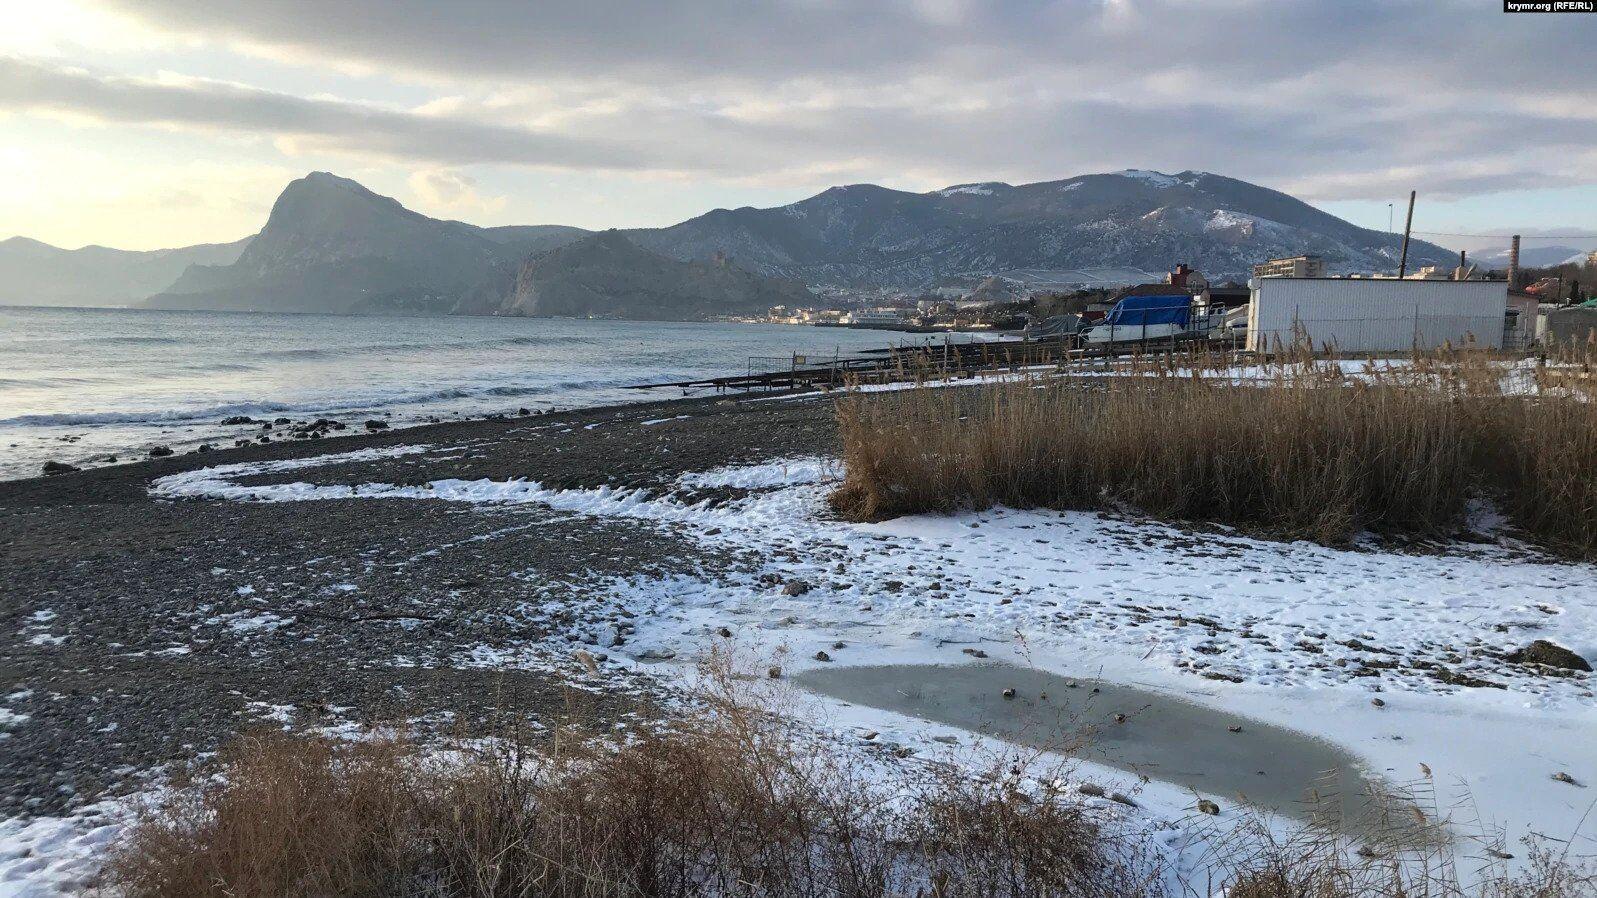 Устье реки Суук-Су у мыса Алчак, январь 2021 года